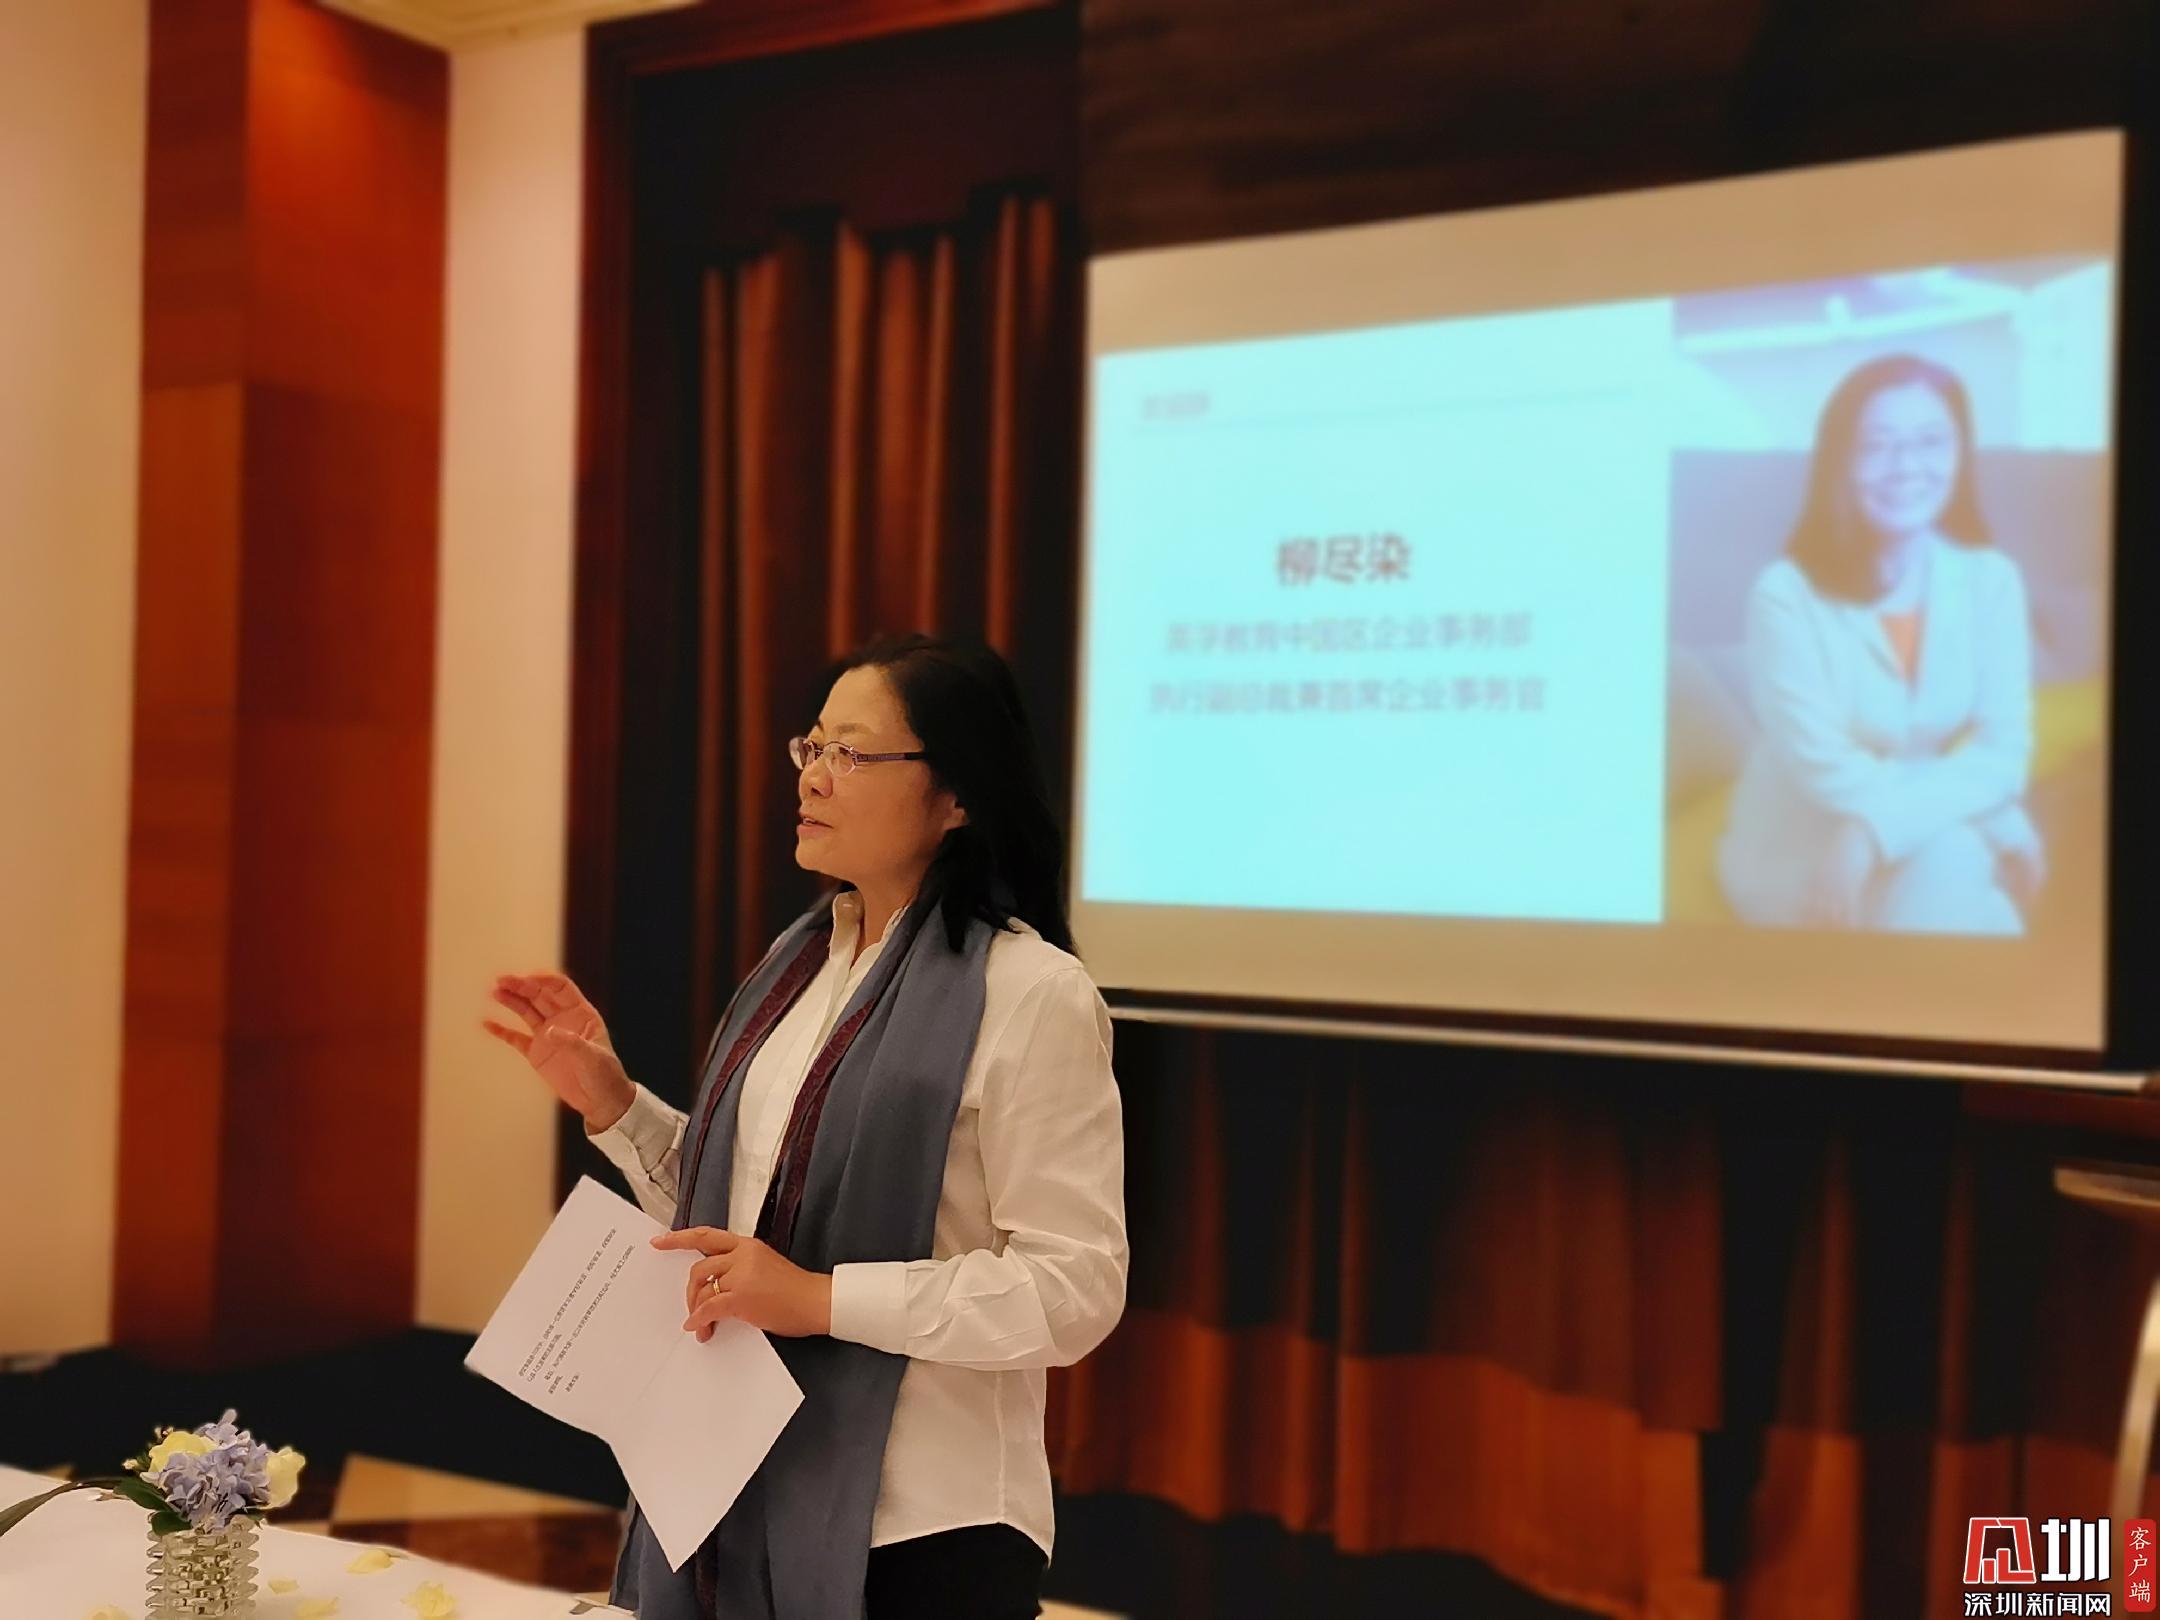 第九版英孚英语熟练度指标发布,中国首次晋级中等熟练度